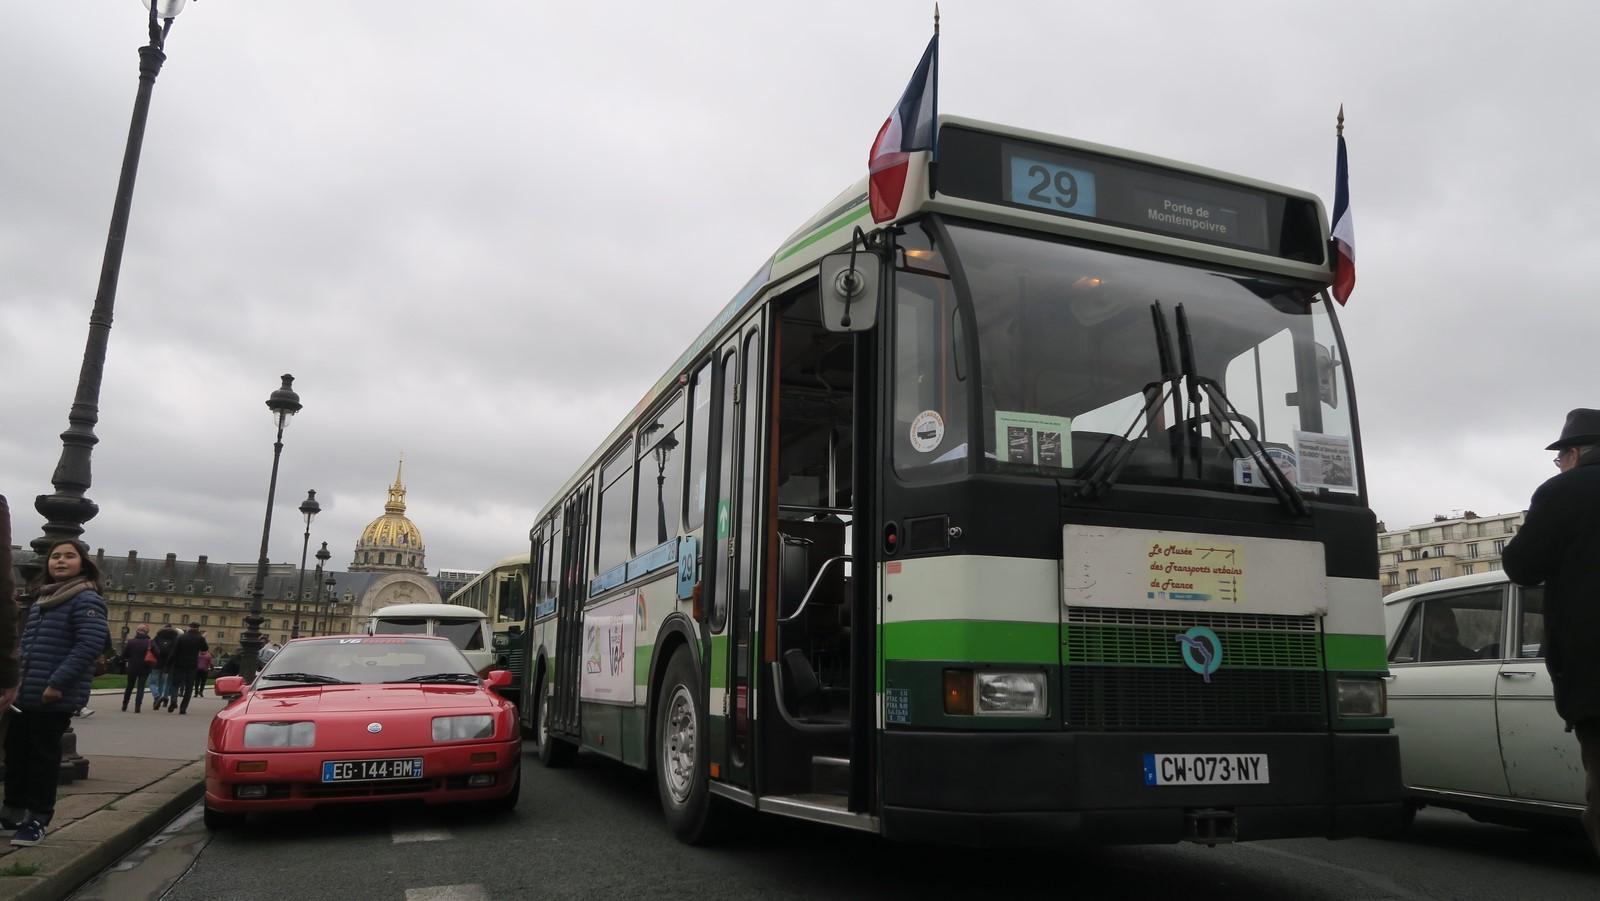 Traversee de Paris hivernale 2019 FM 82